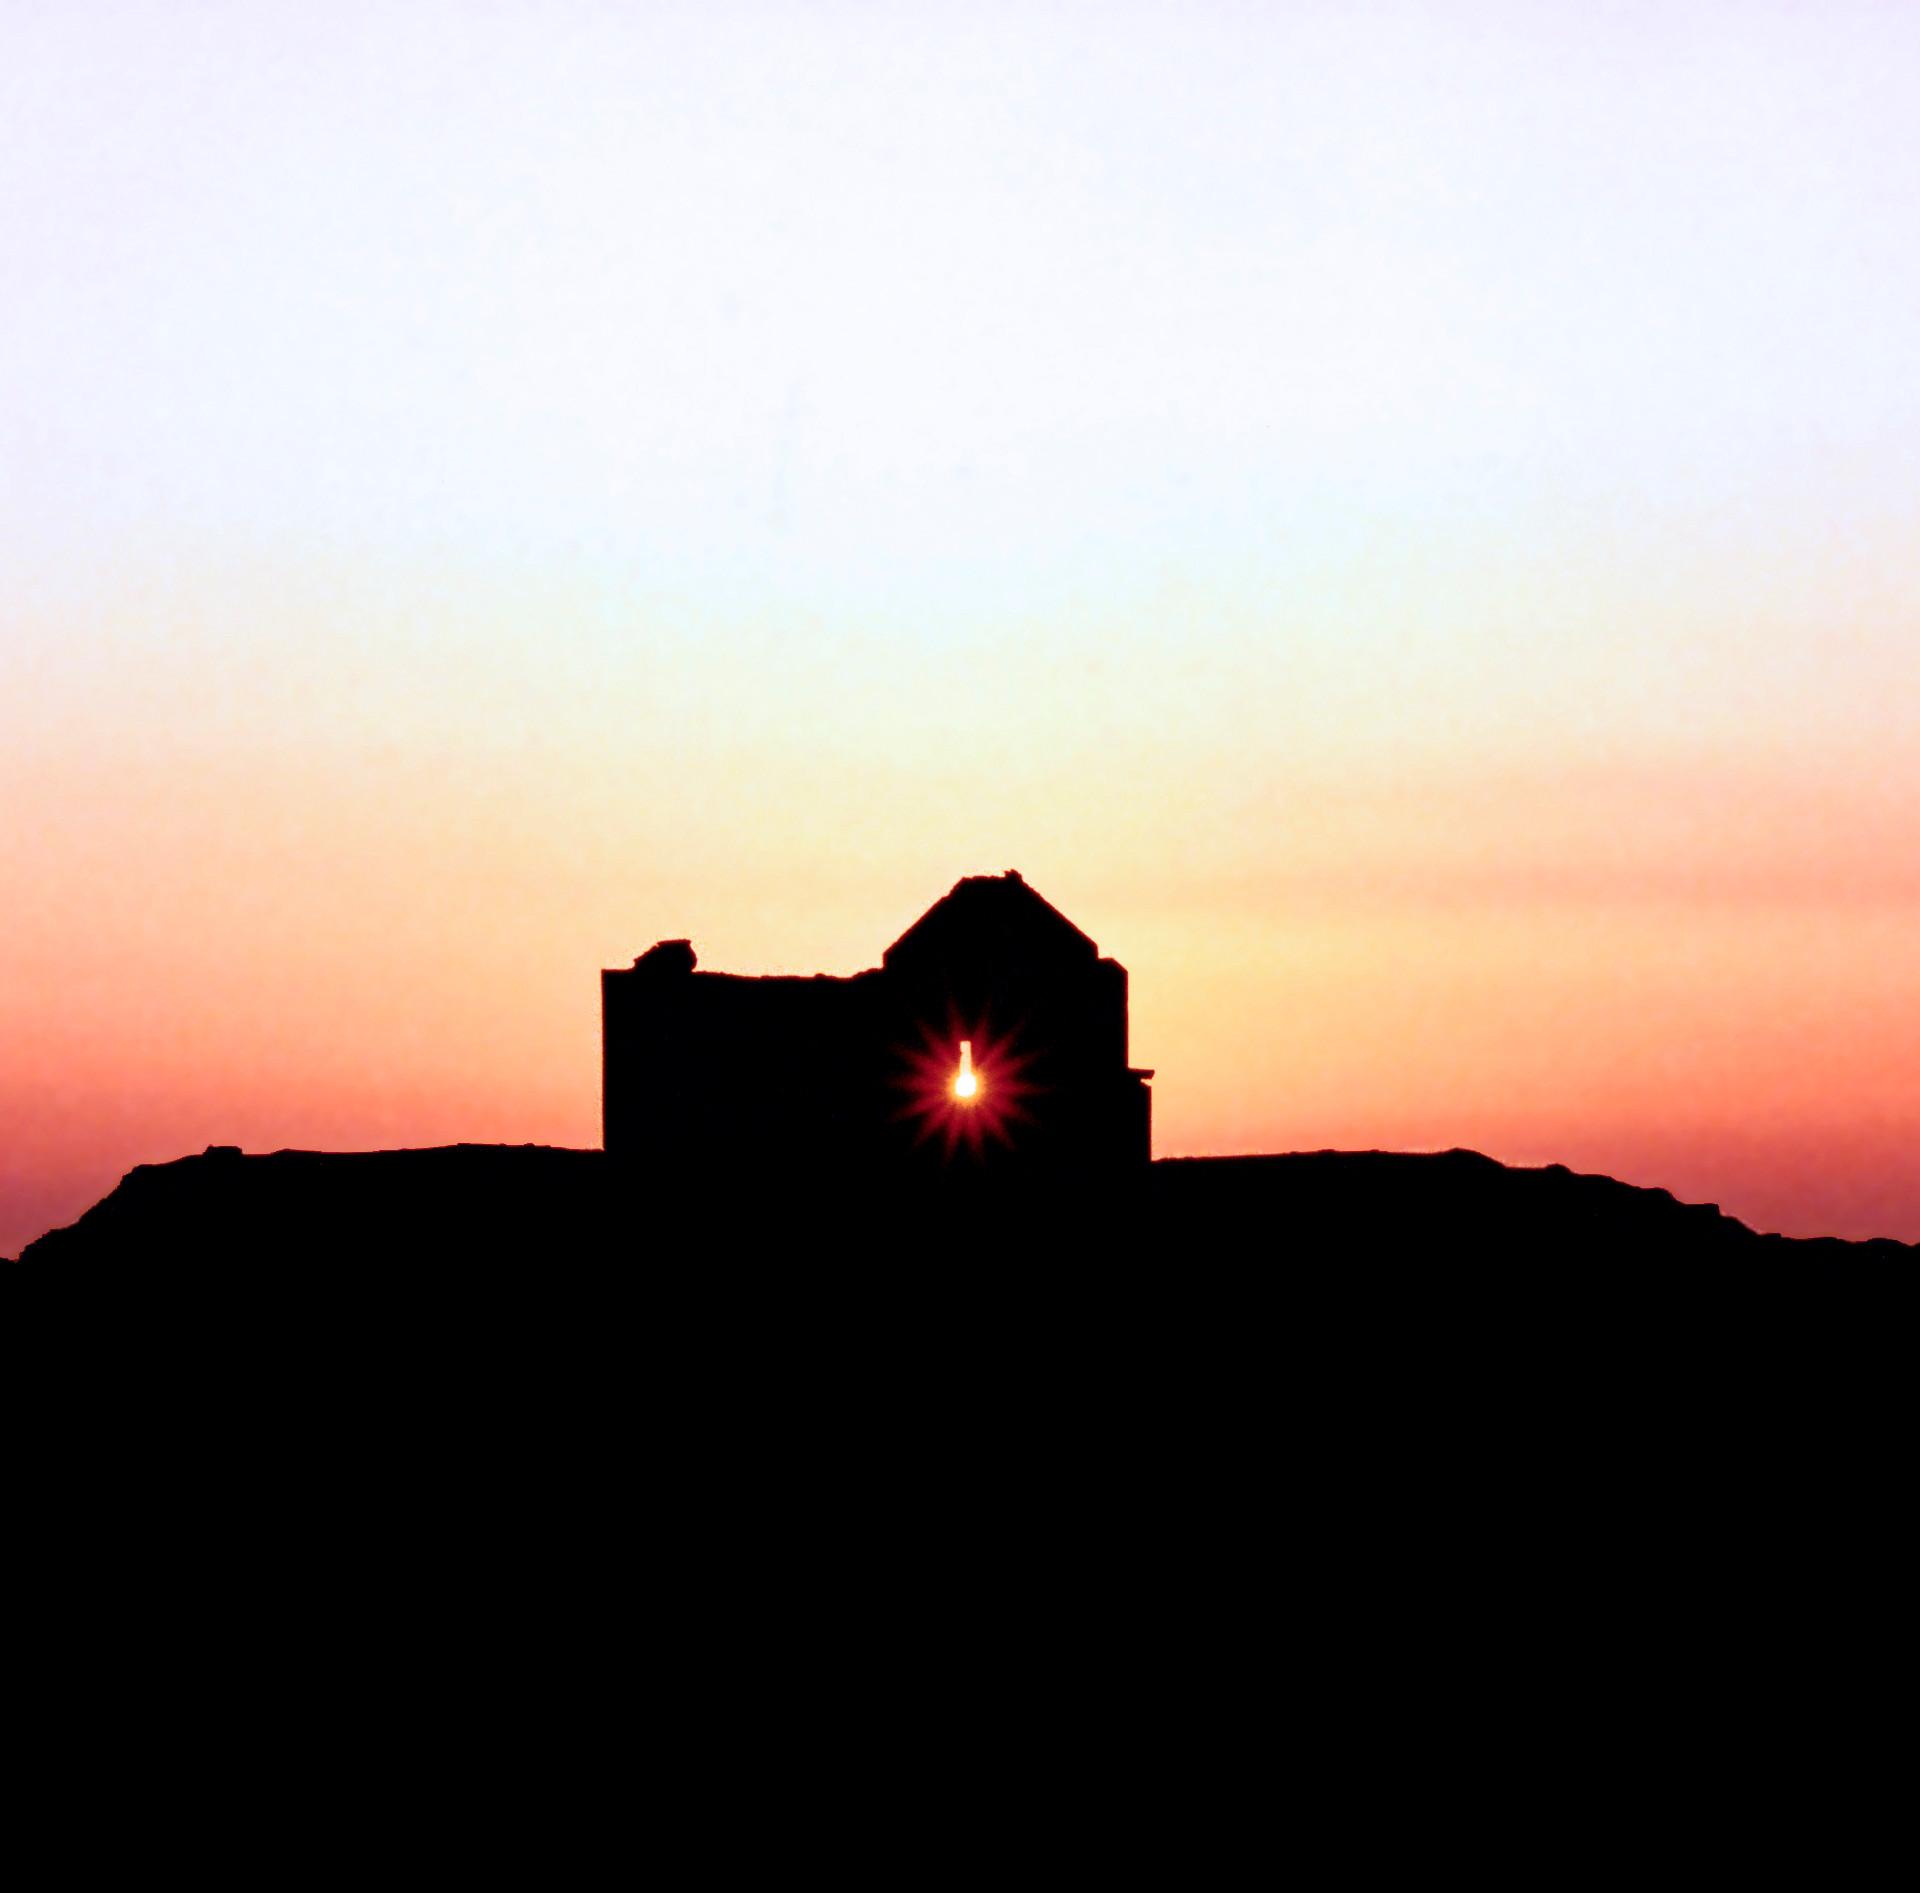 Maison fantôme - Côte sauvage - Bretagne